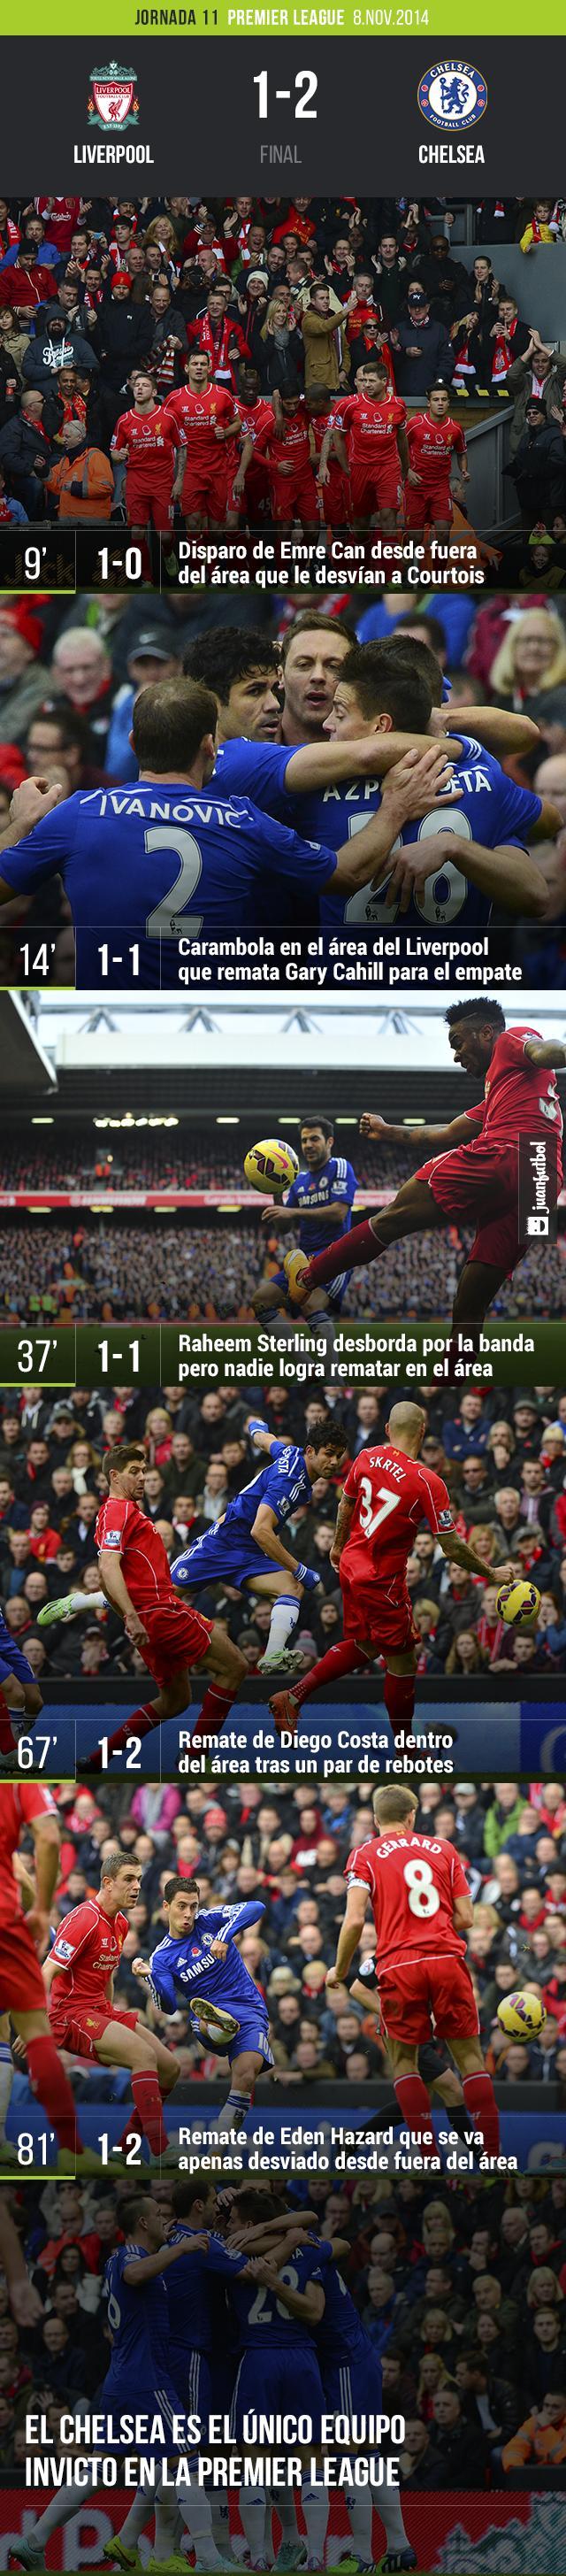 El Chelsea de Mou vence al Liverpool 1-2 con goles de Gary Cahill y Diego Costa en Anfield